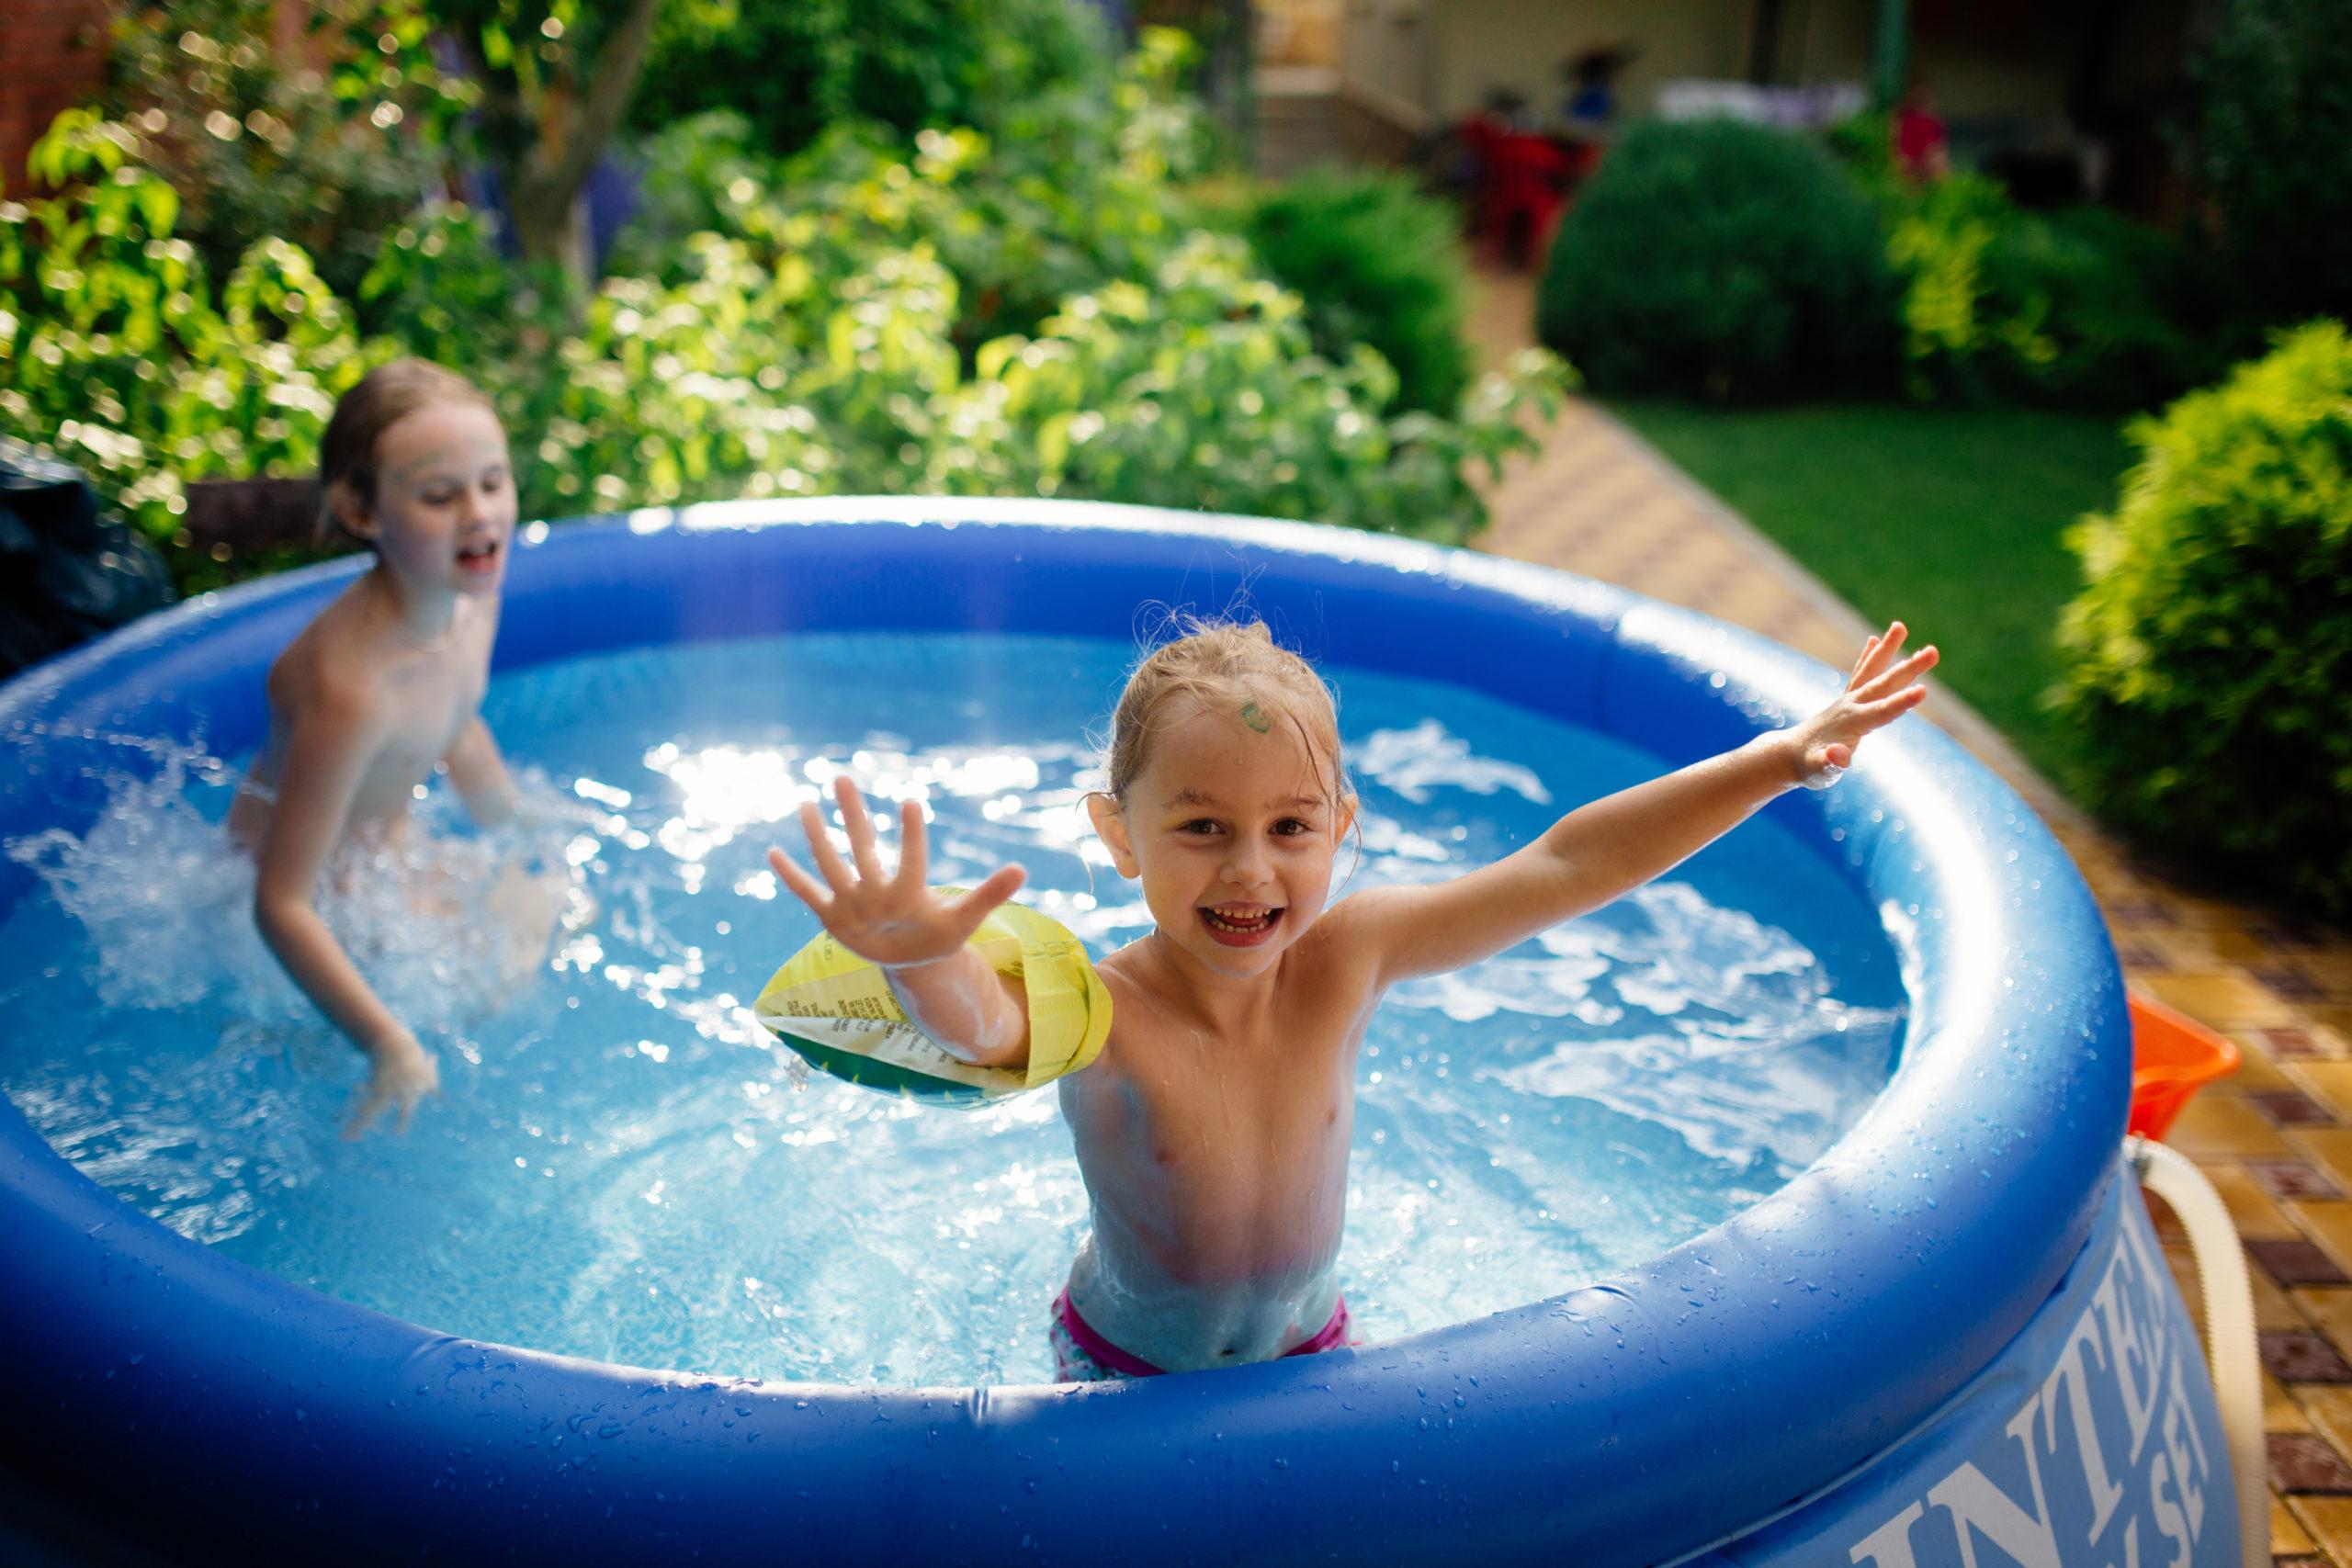 Two siblings splashing in kiddie pool